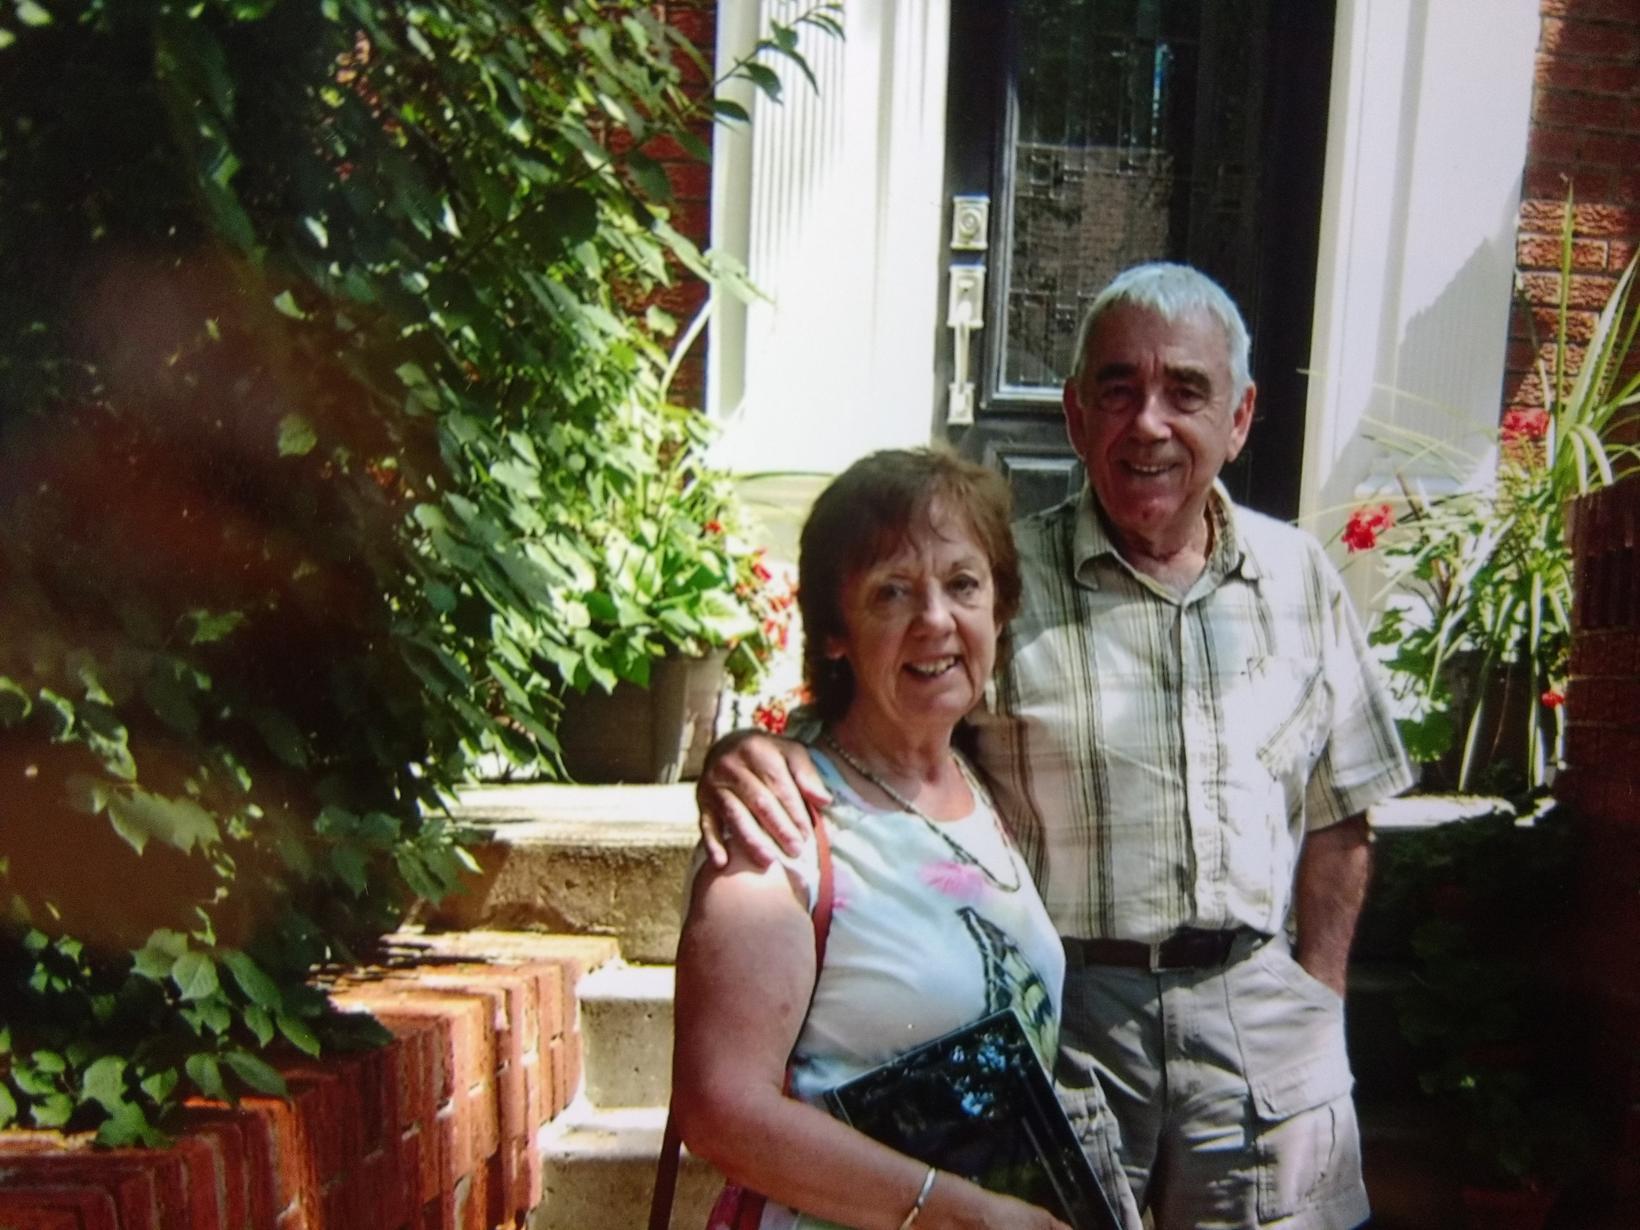 Caitlin & Bernard from Toronto, Ontario, Canada